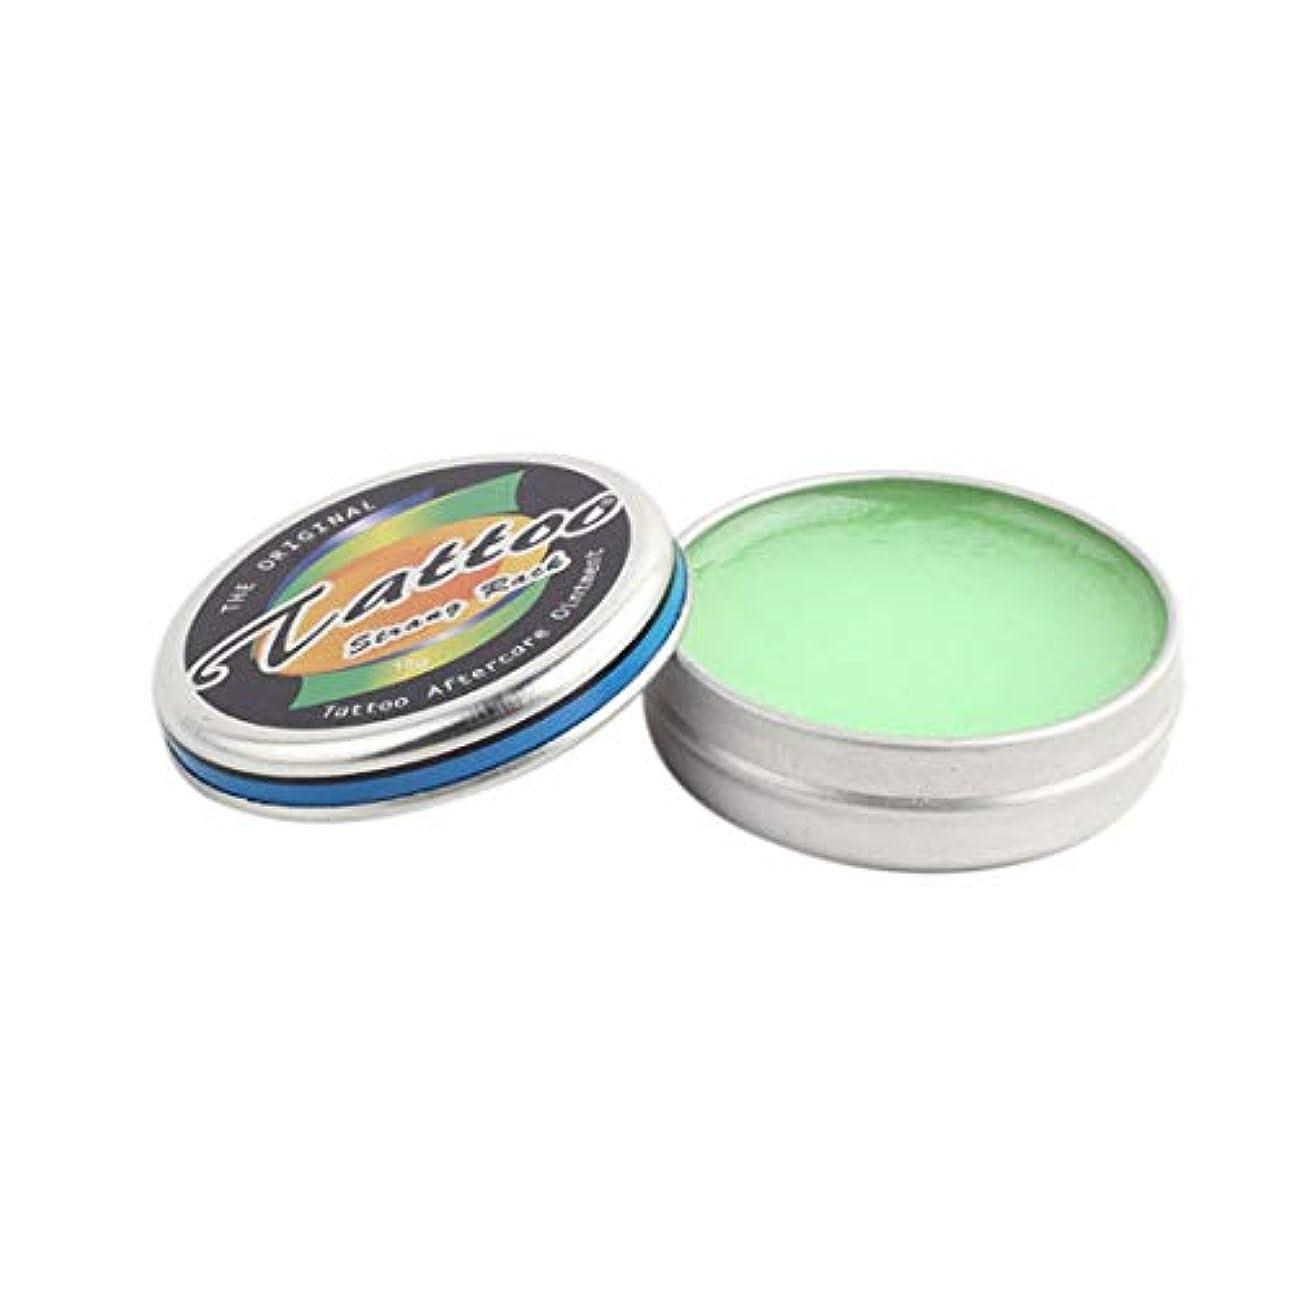 一貫性のないそうでなければランチポータブルサイズ15Gナチュラルフォーミュラタトゥークリームアフターケア軟膏ヒーリングスキンケアタトゥーリカバリークリームローション - グリーン